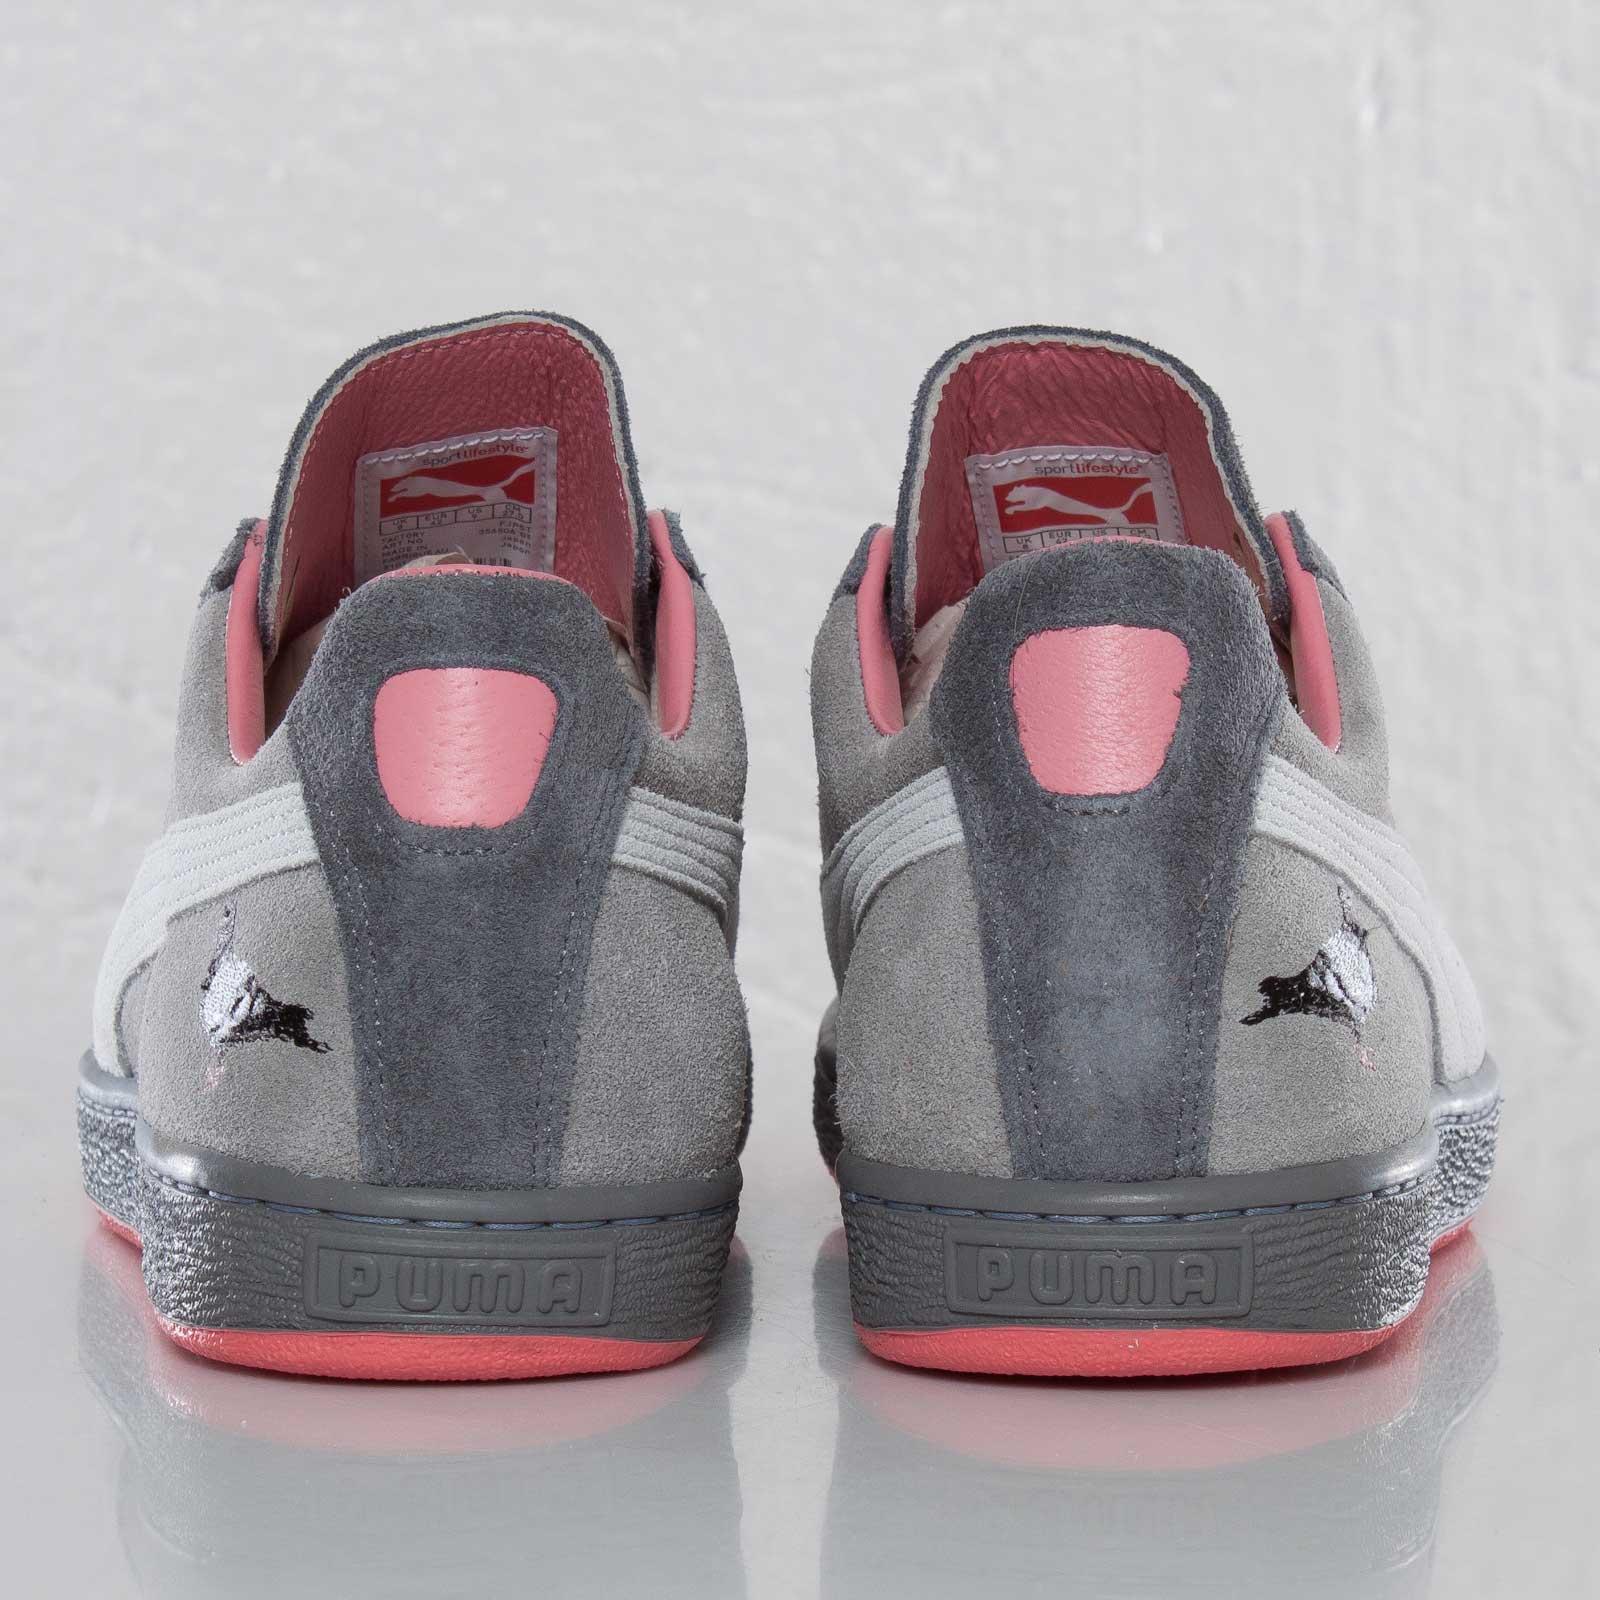 fda0d5071e3 Puma Staple Pigeon Suede JPN - 356506-01 - Sneakersnstuff